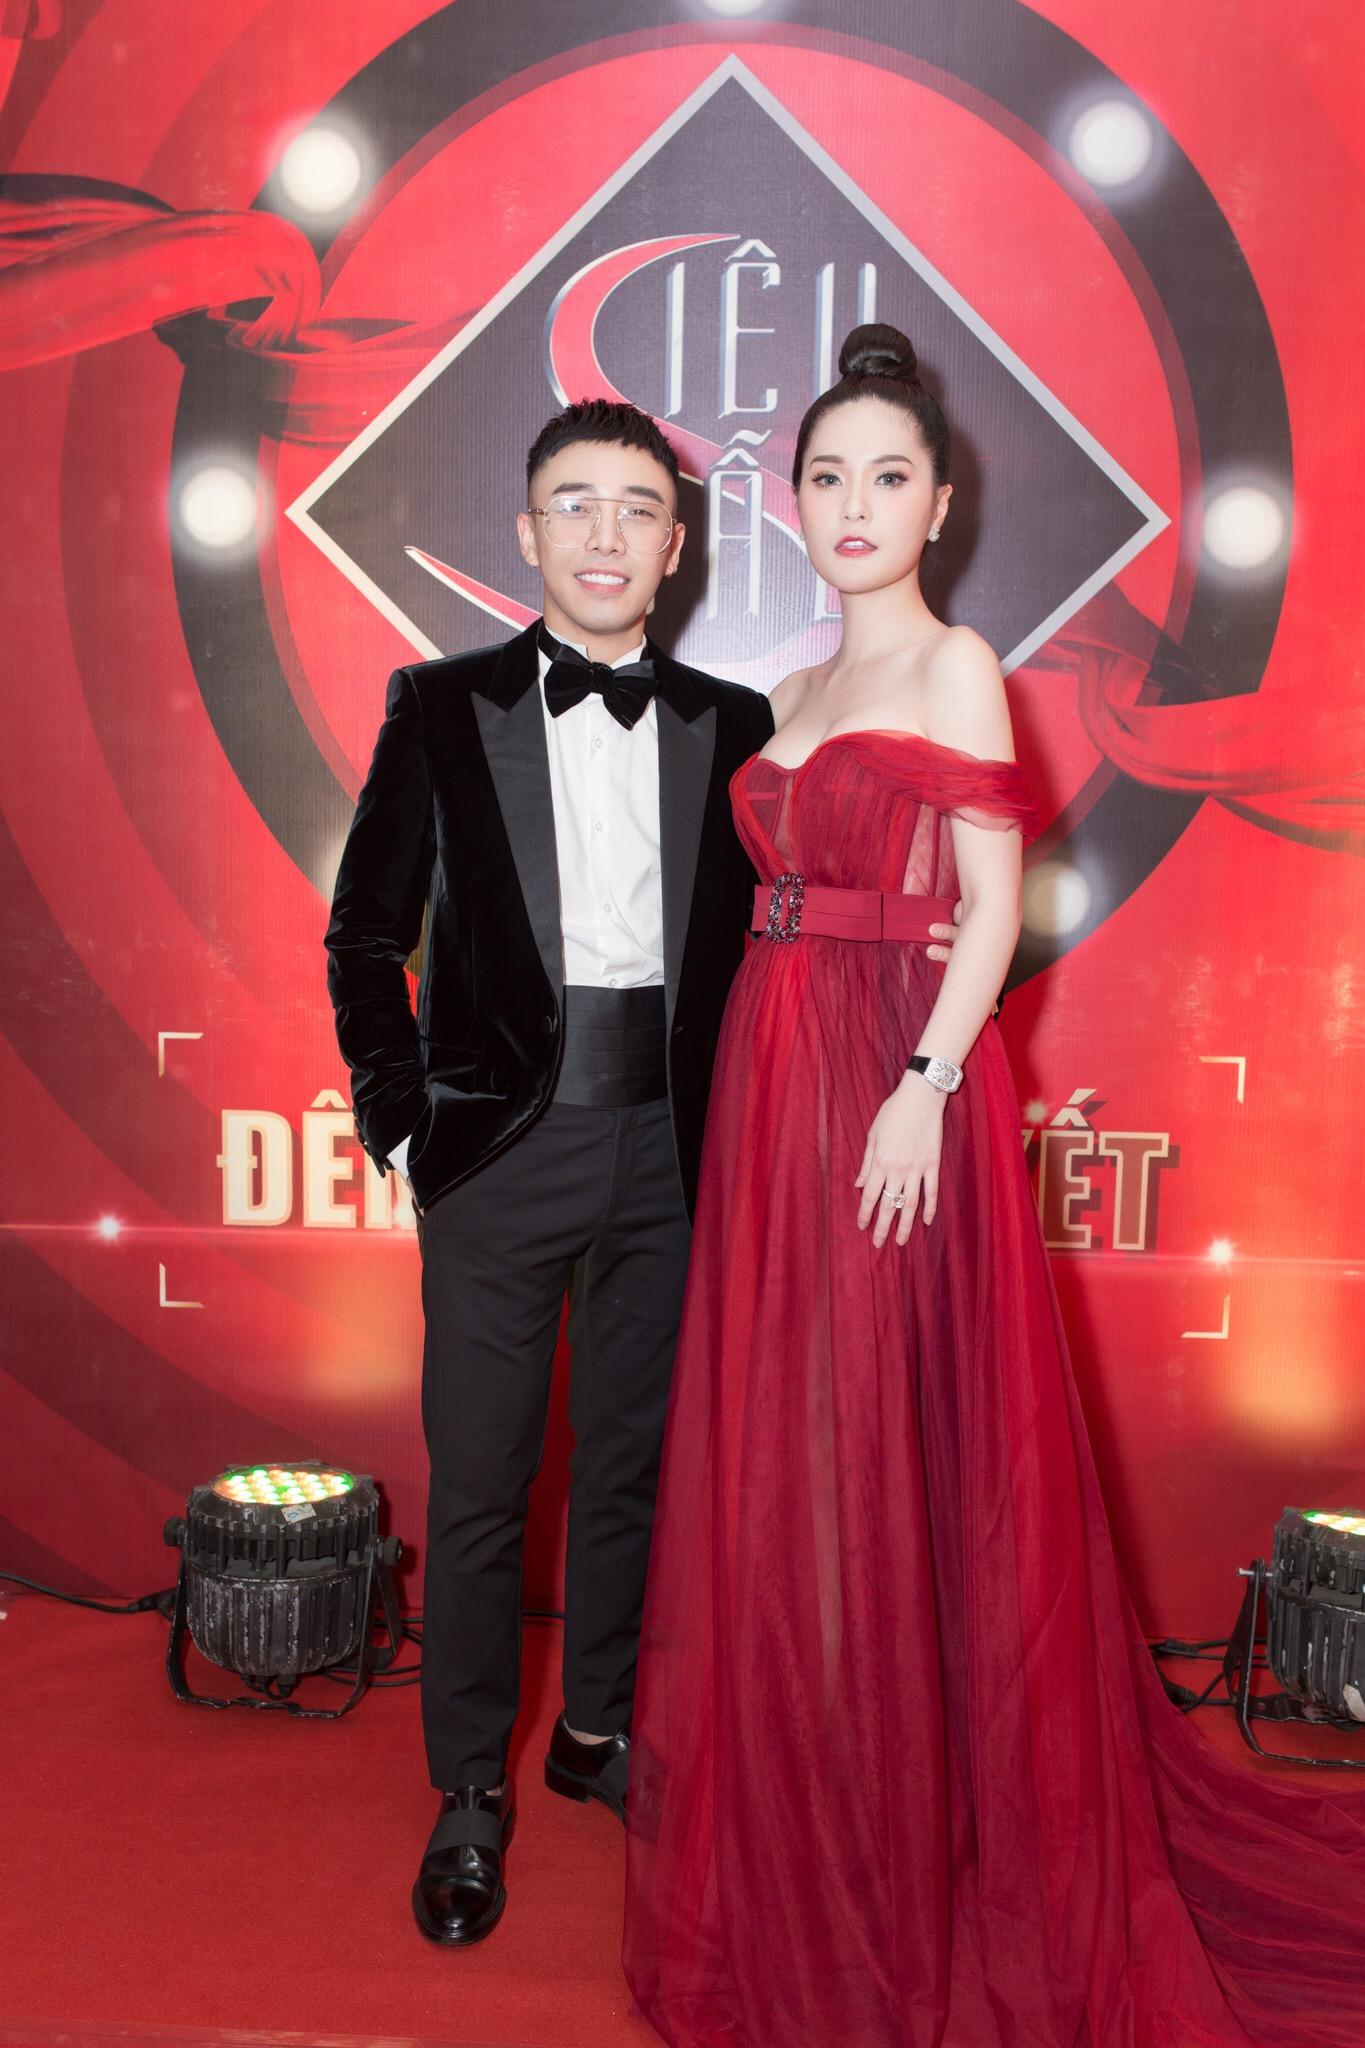 Di Băng tỏa sáng giữa dàn sao đêm chung kết Siêu Mẫu Việt 2018 - Ảnh 2.